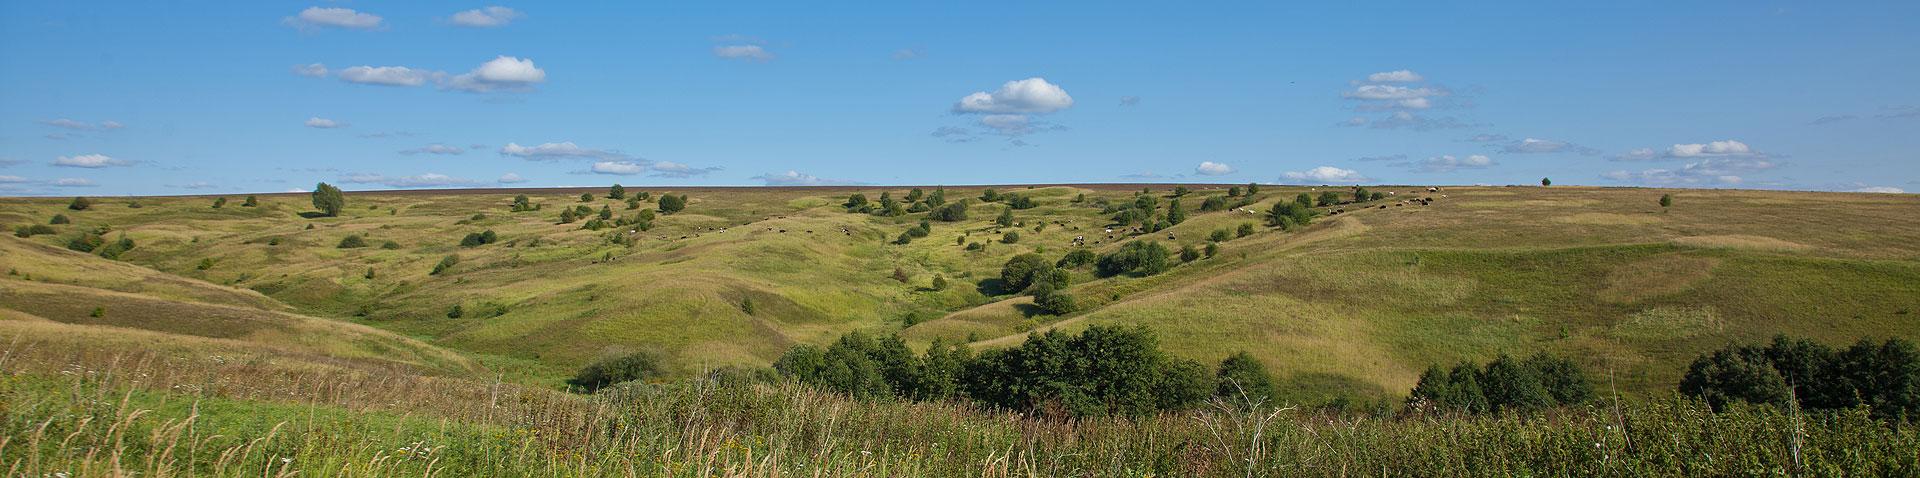 фото панорама холмистая равнина. летний пейзаж